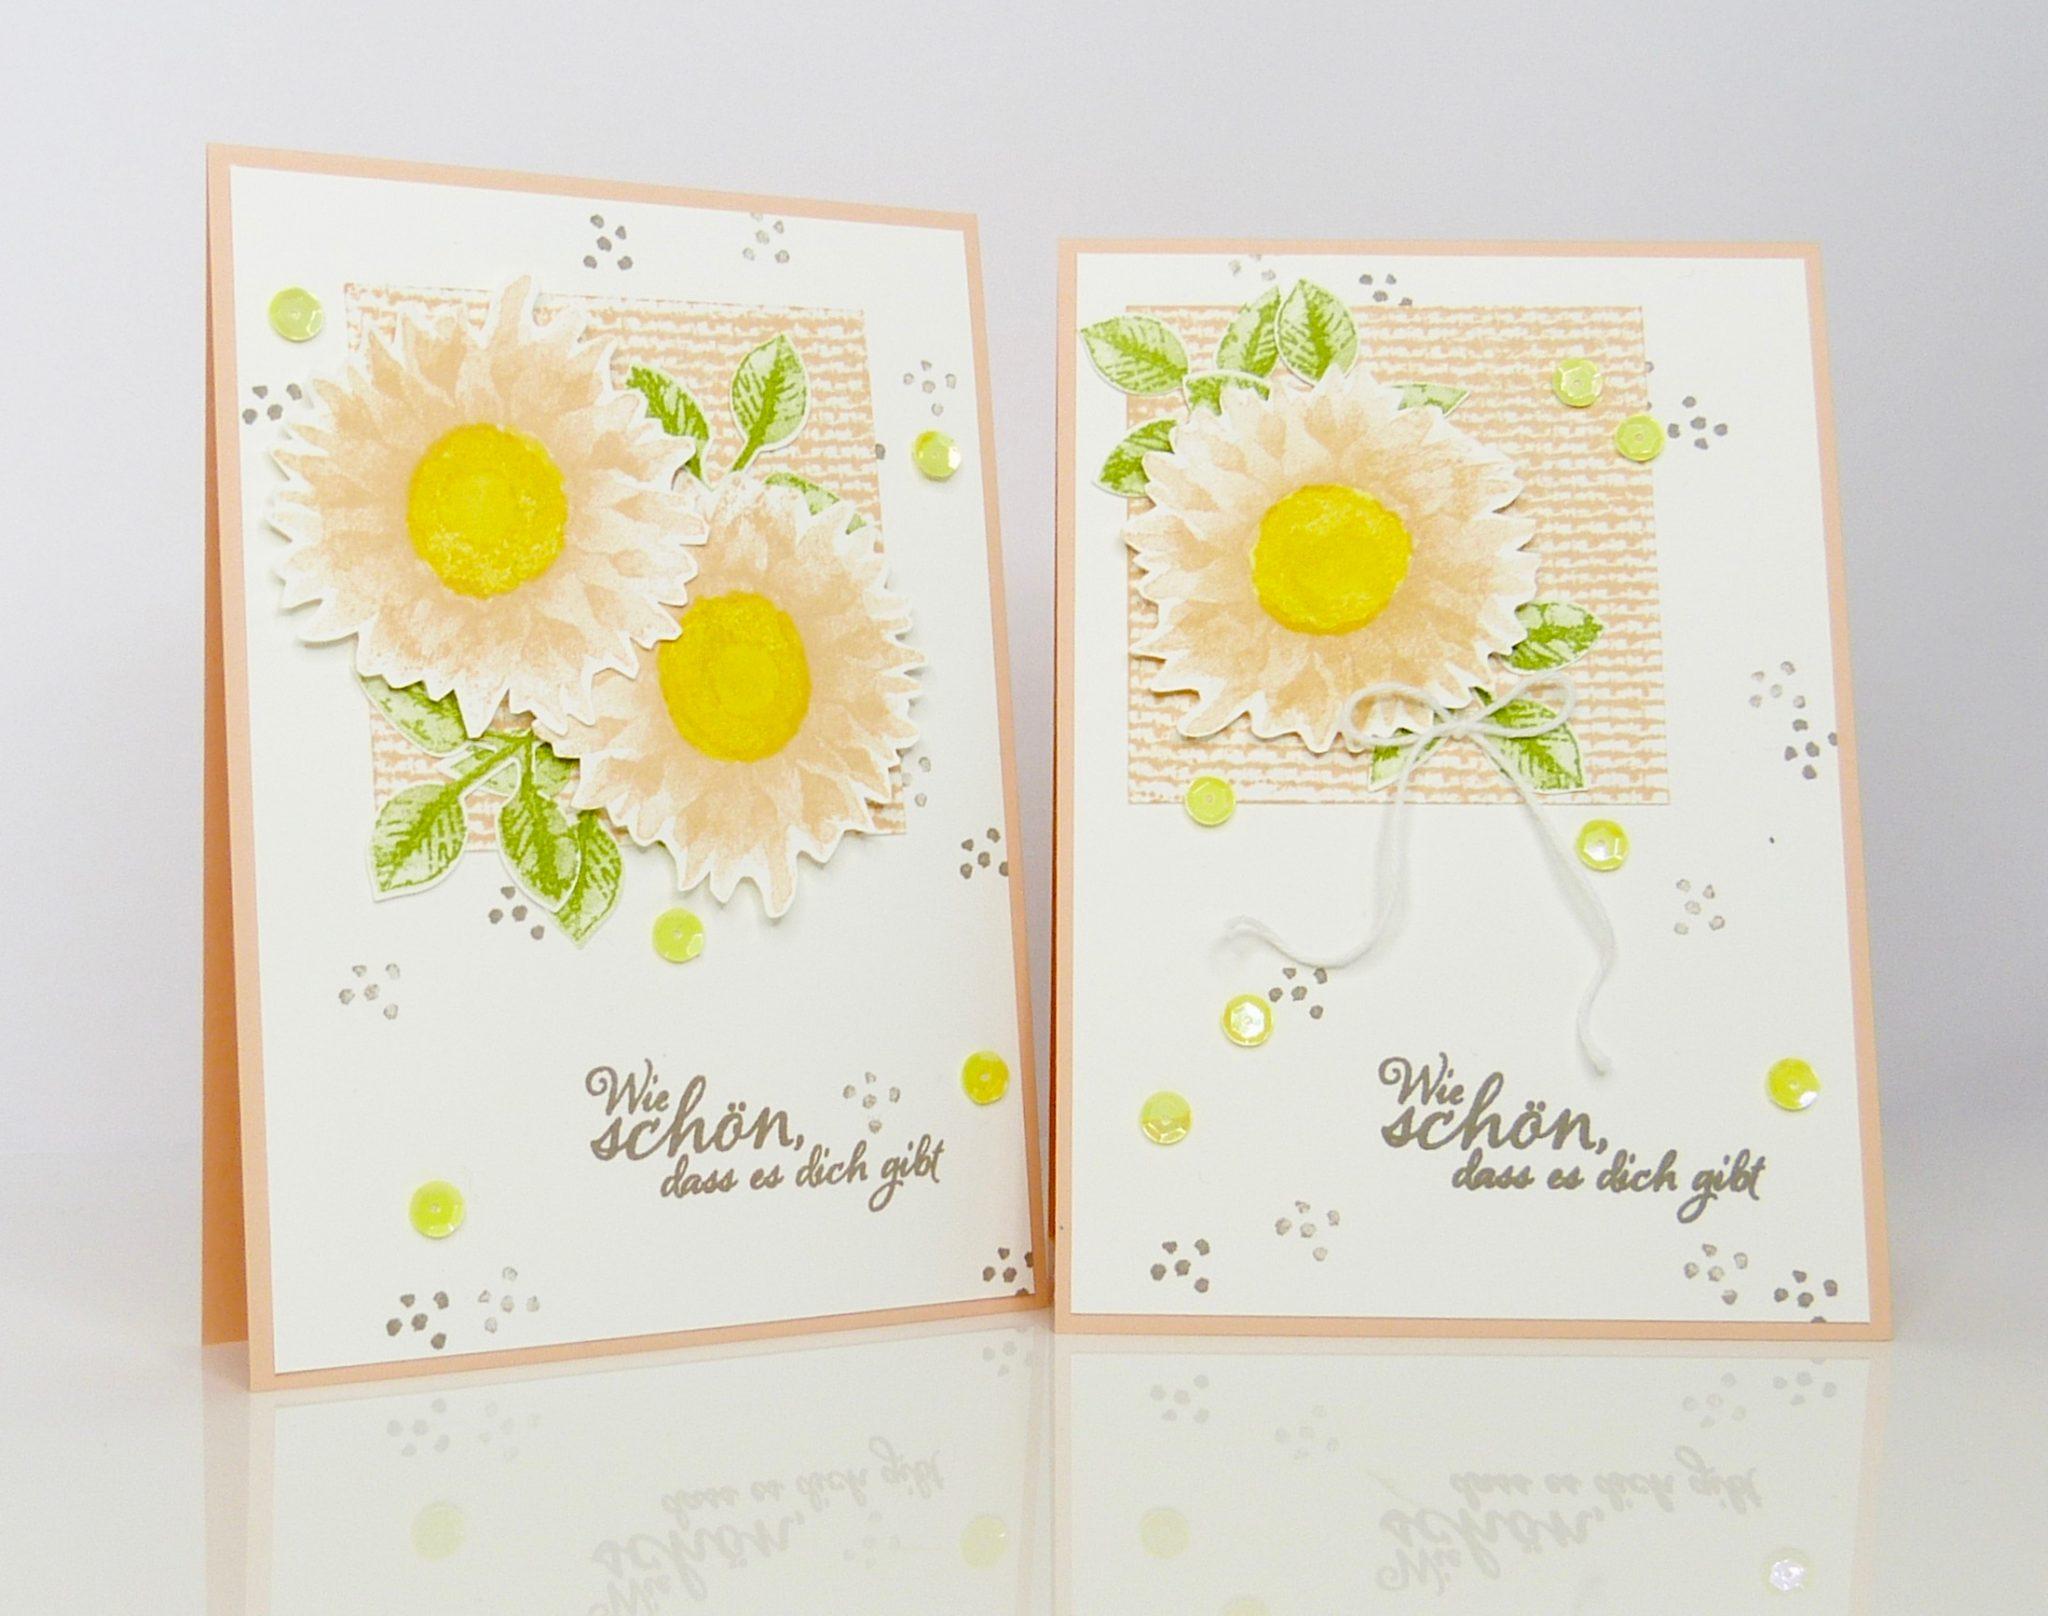 Schön, dass es dich gibt, Sonnenblumen